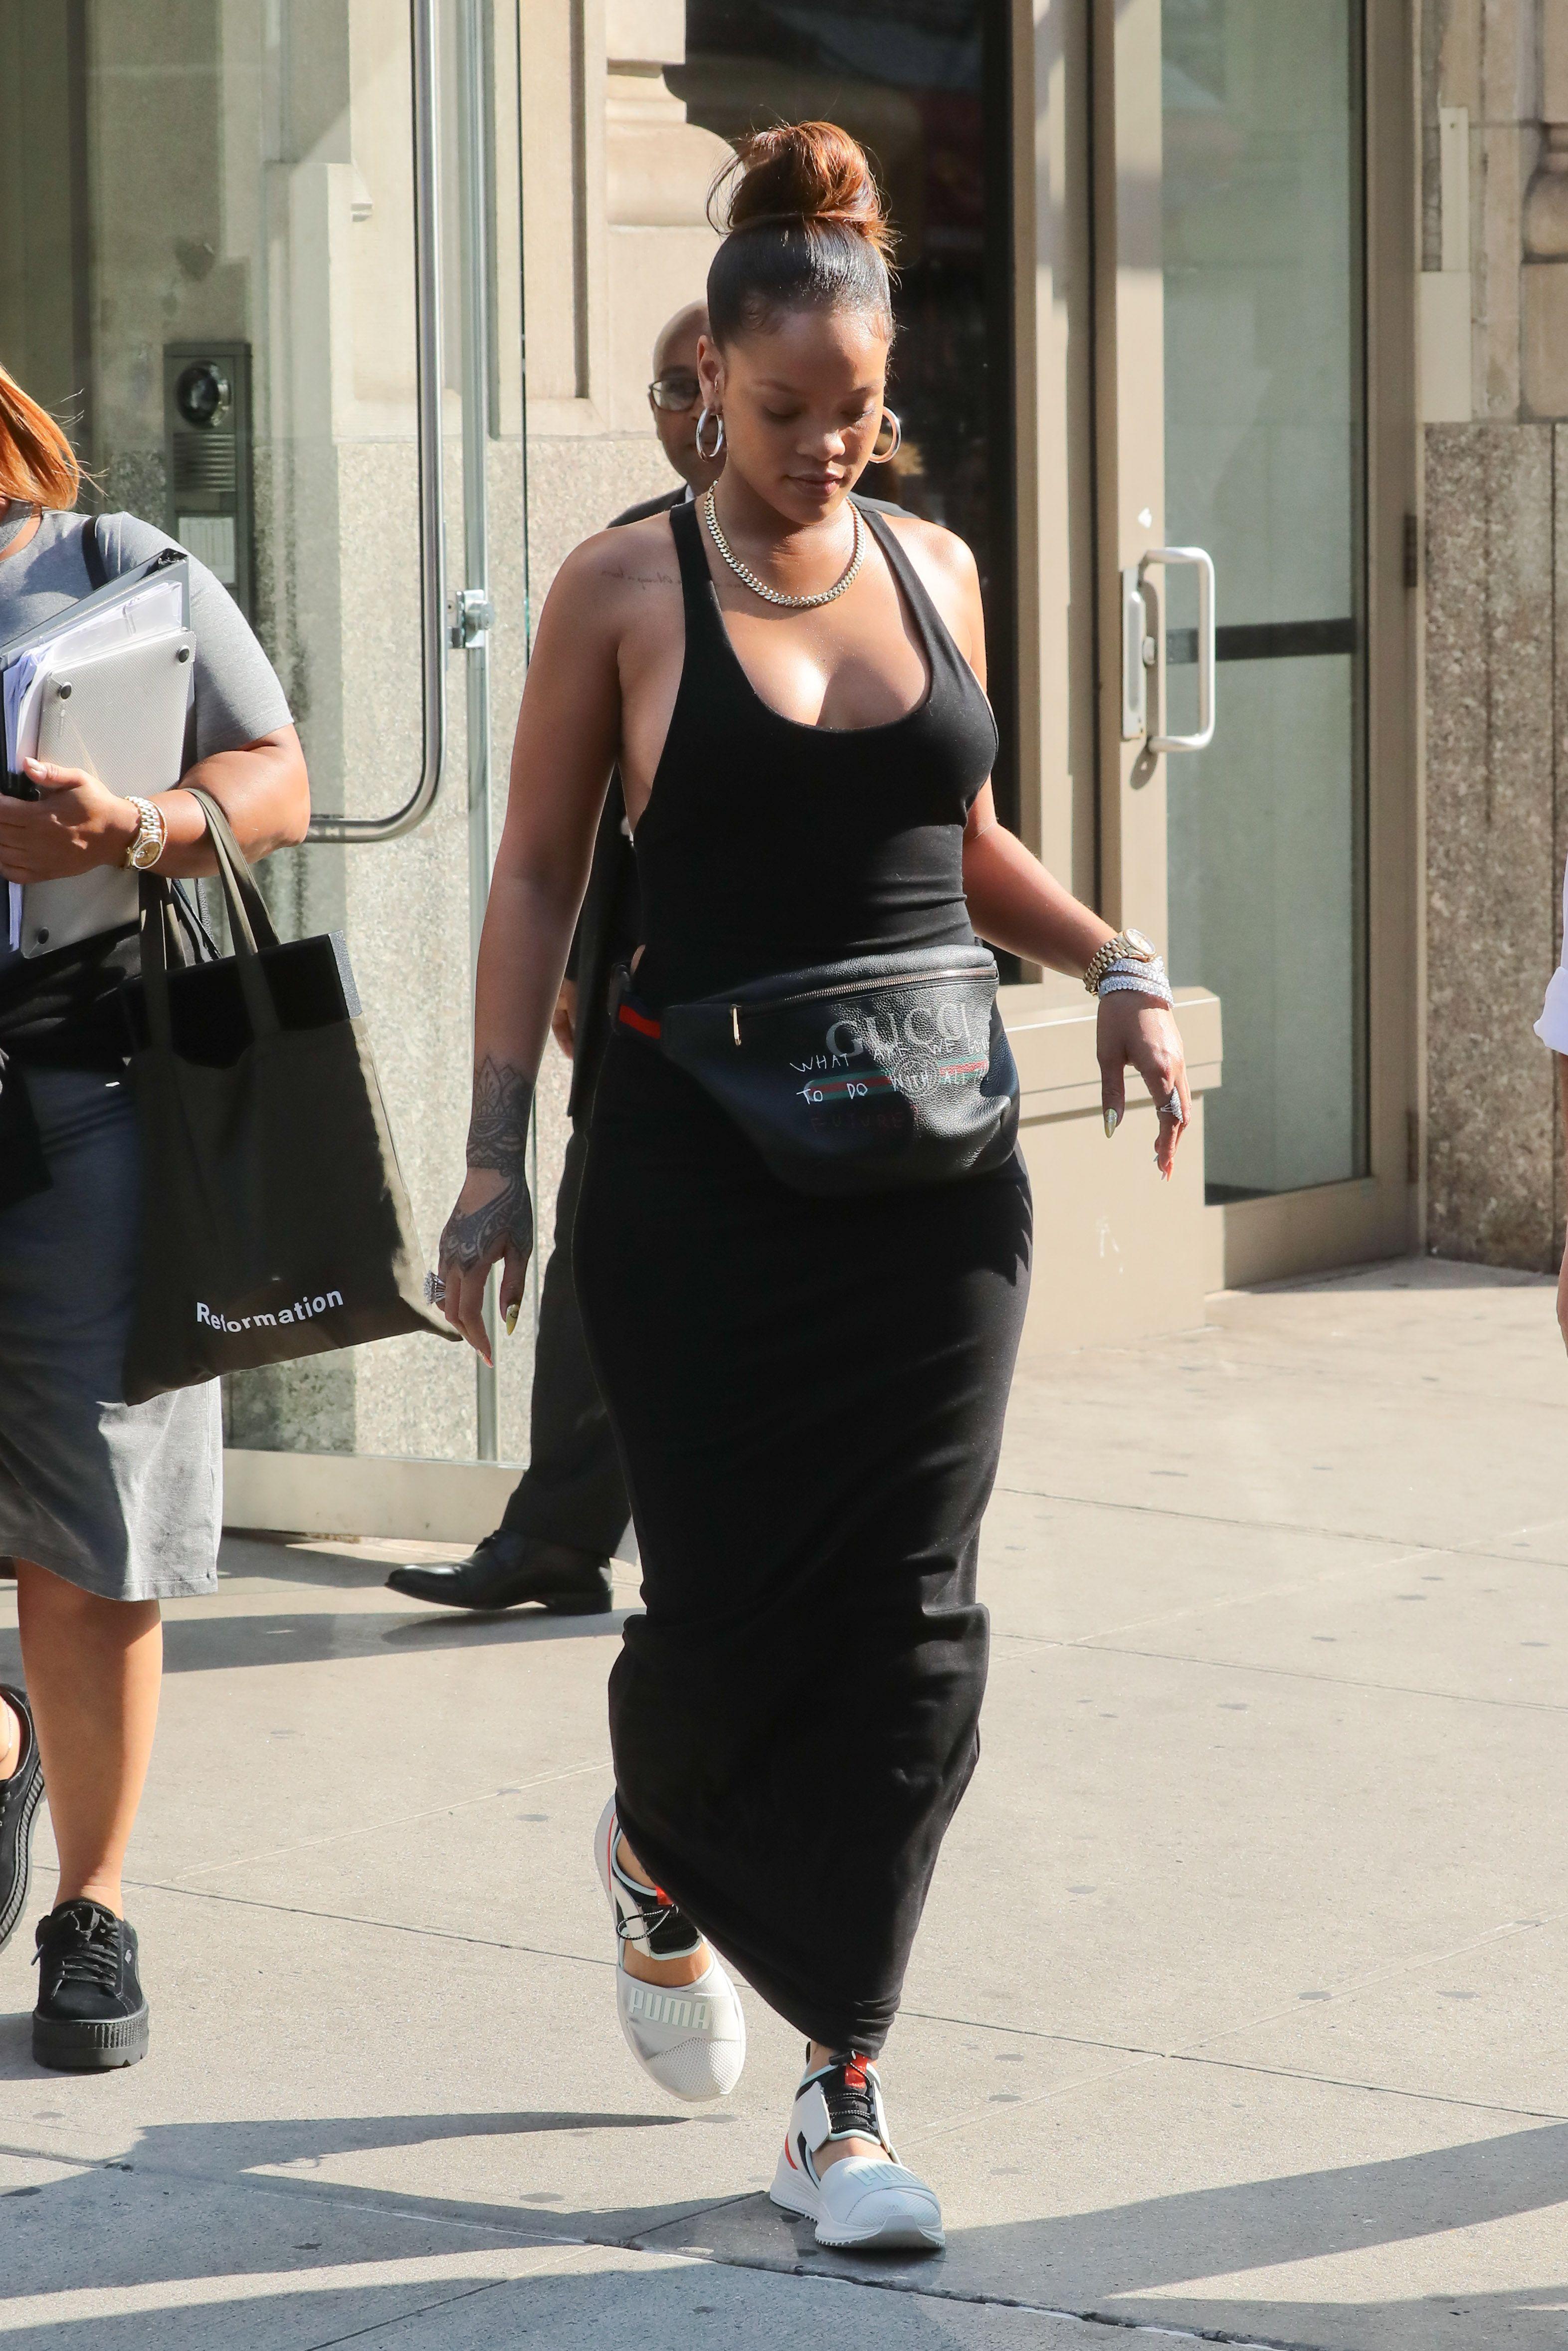 Rihanna-Braless-11-thefappeningblog.com_.jpg